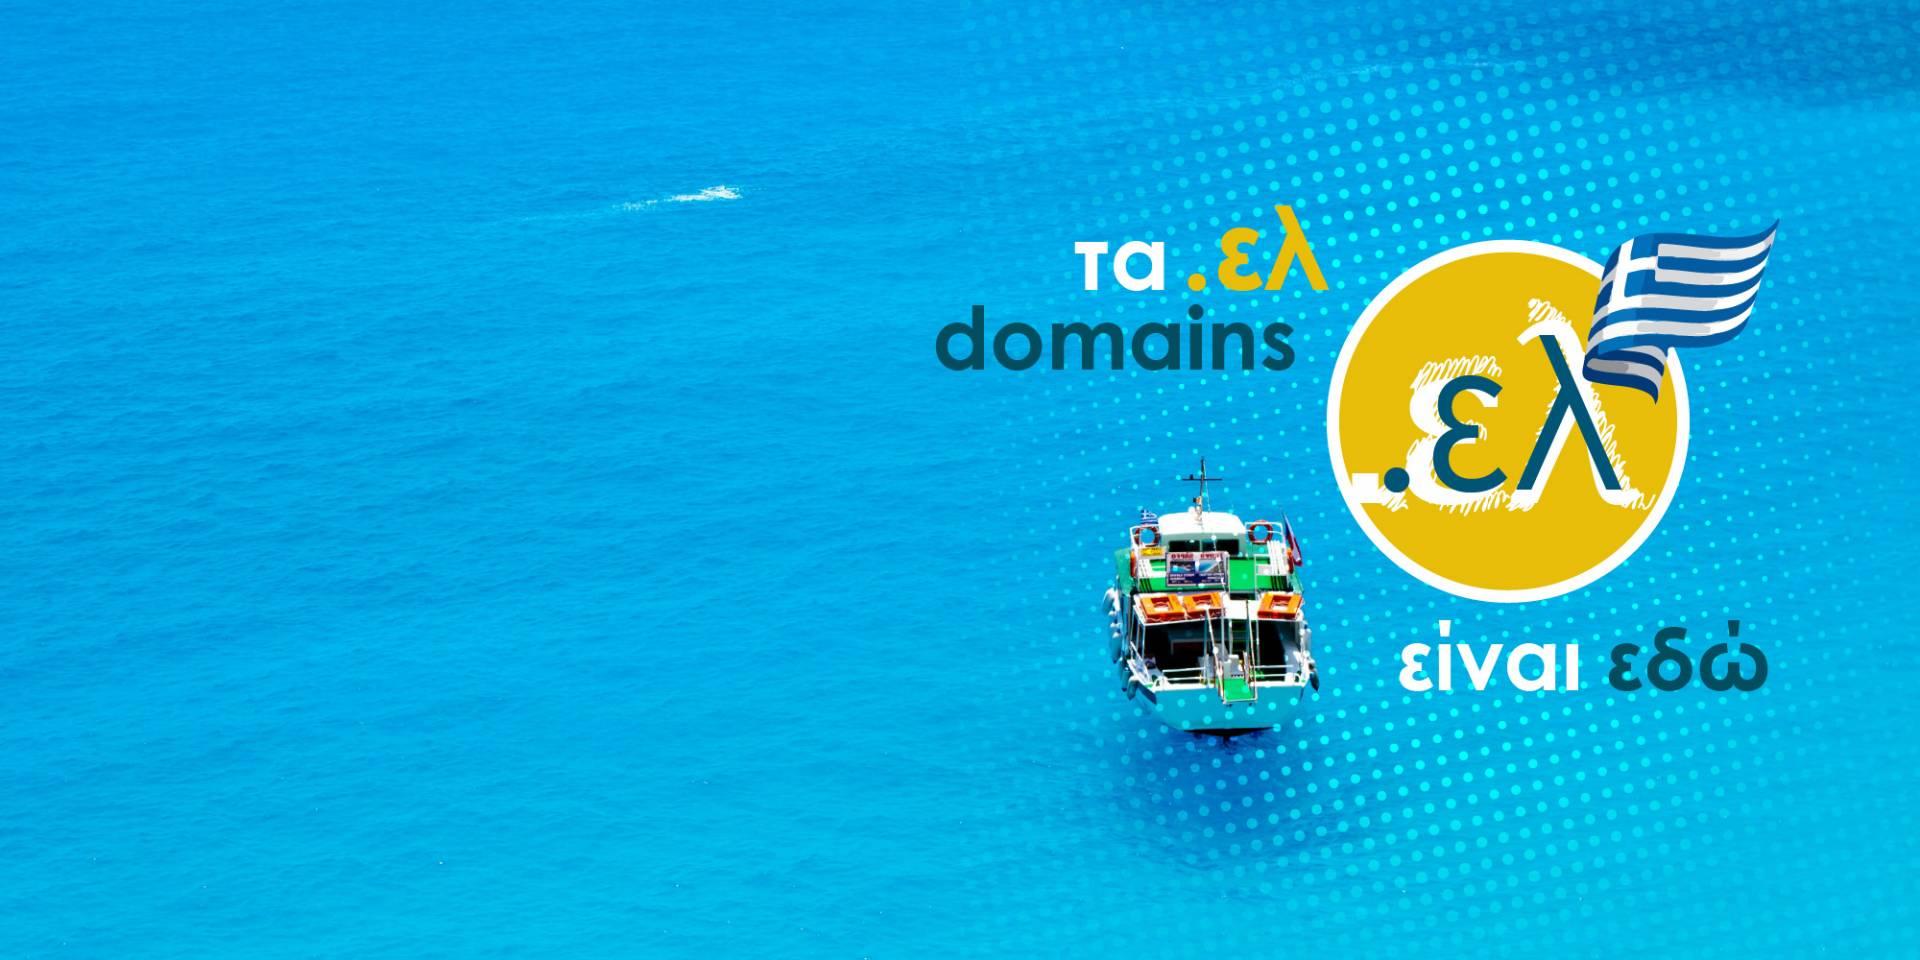 Τα .ελ domains είναι πλέον διαθέσιμα. Είστε έτοιμοι να προστατέψετε τα domains σας;